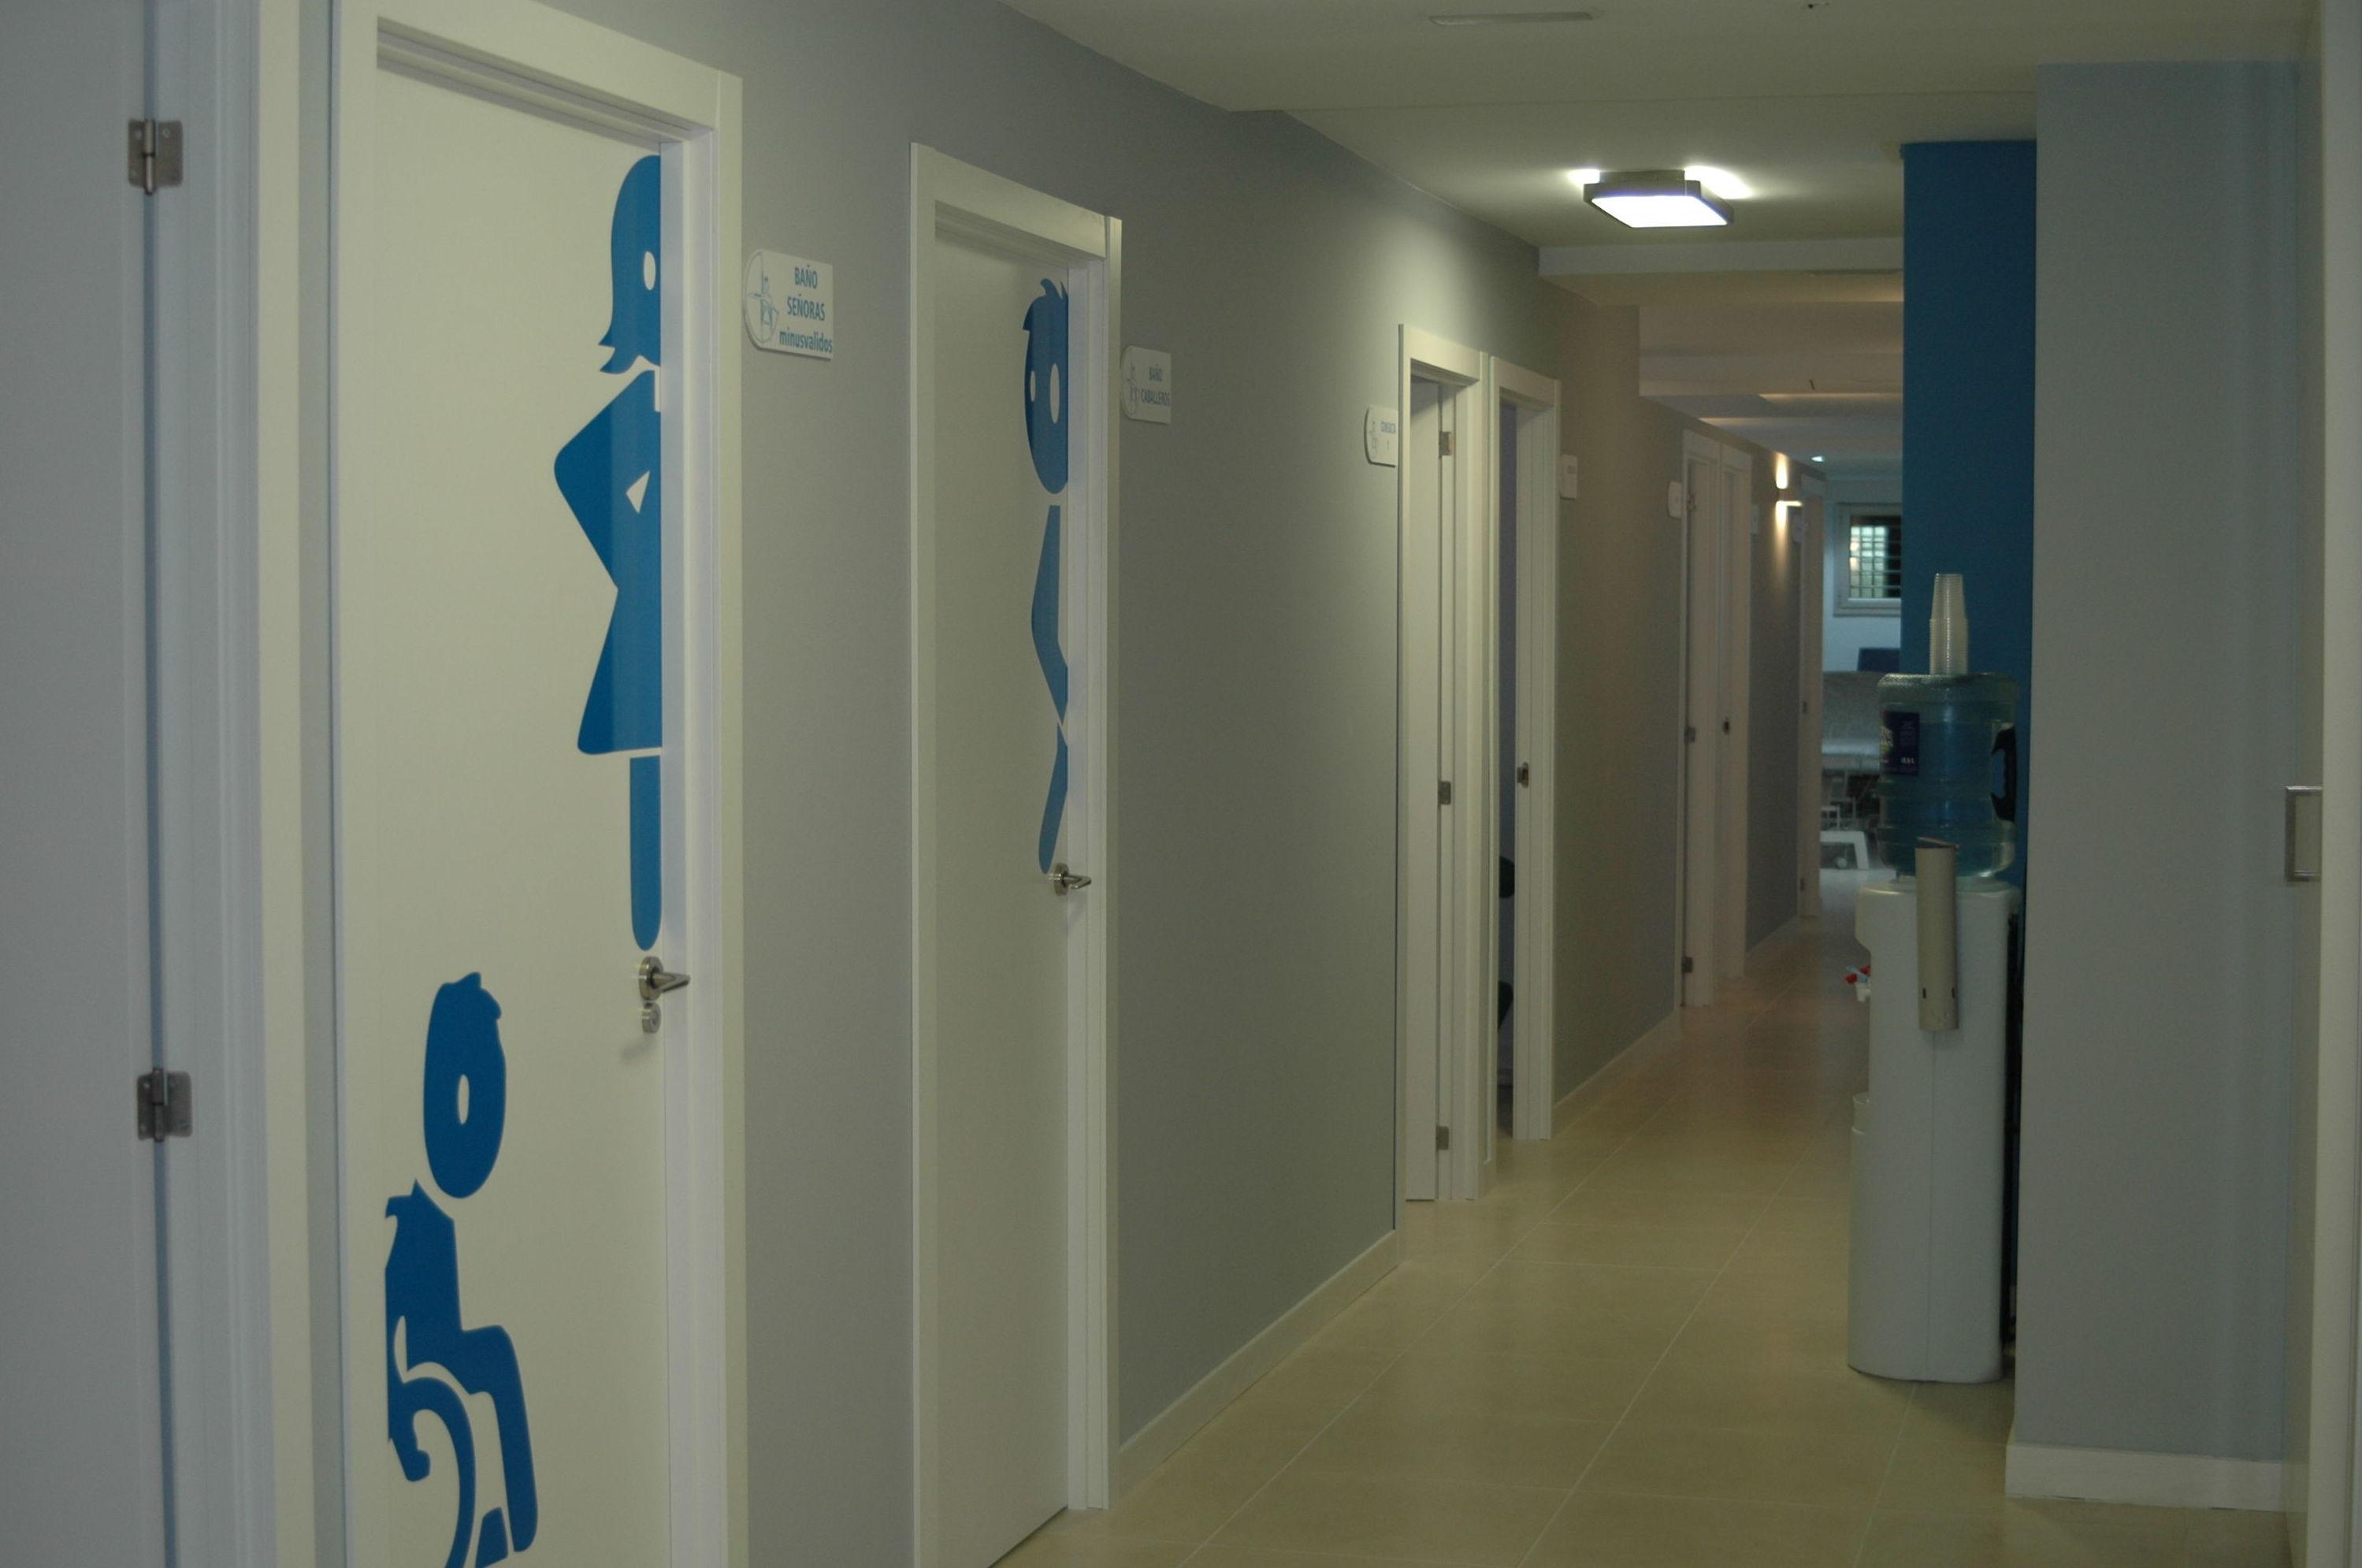 Centro de fisioterapia en Palma de Mallorca